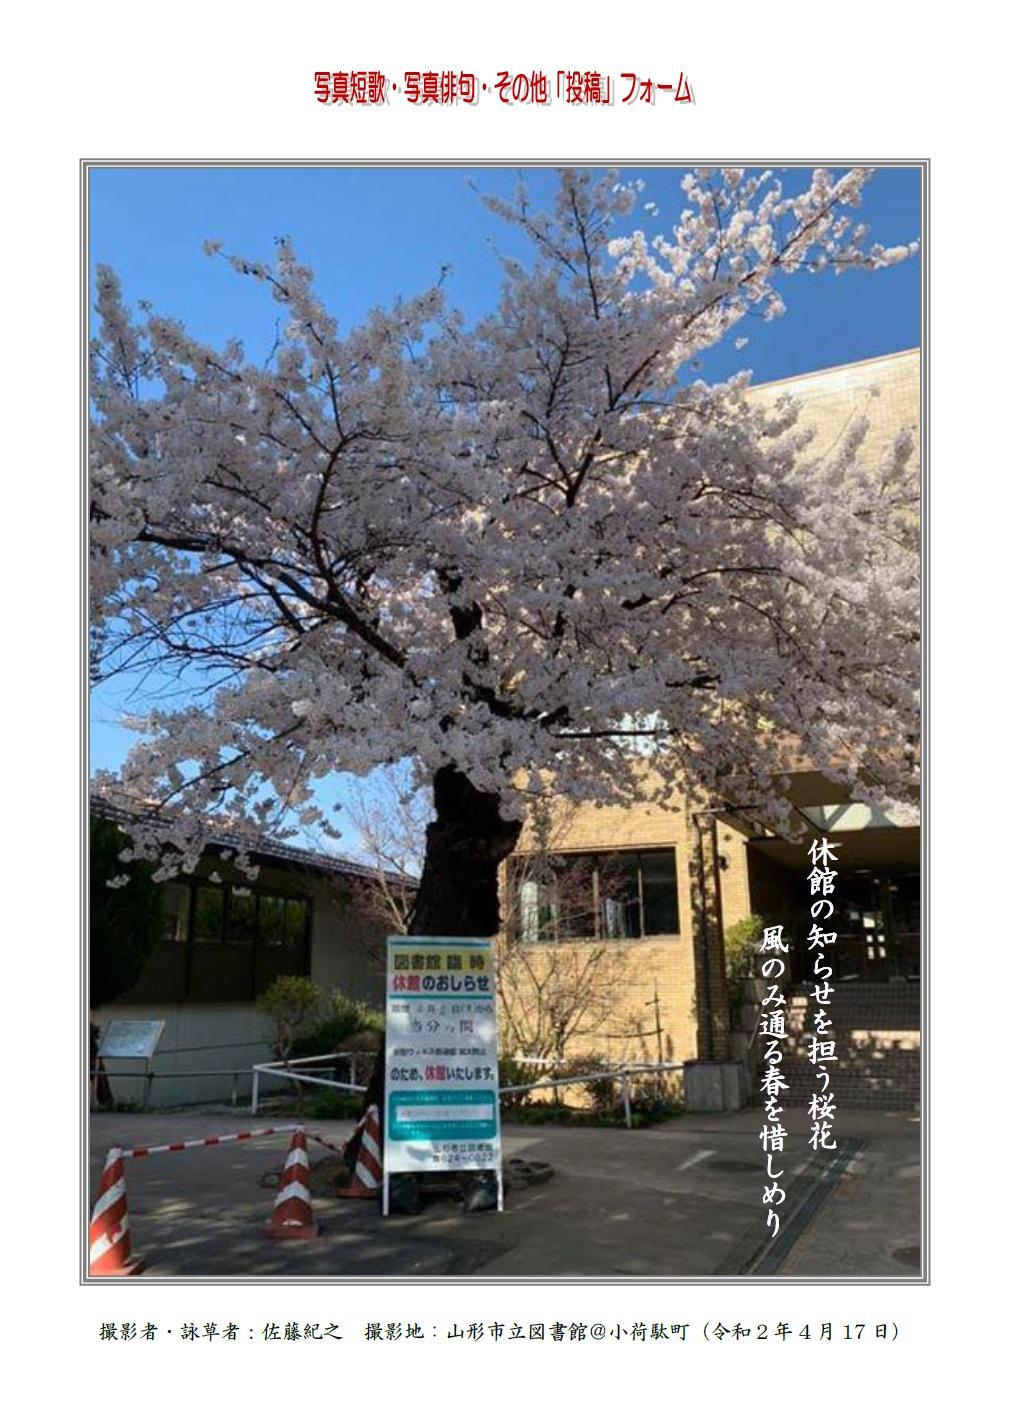 休館の知らせを担う桜花風のみ通る春を惜しめり